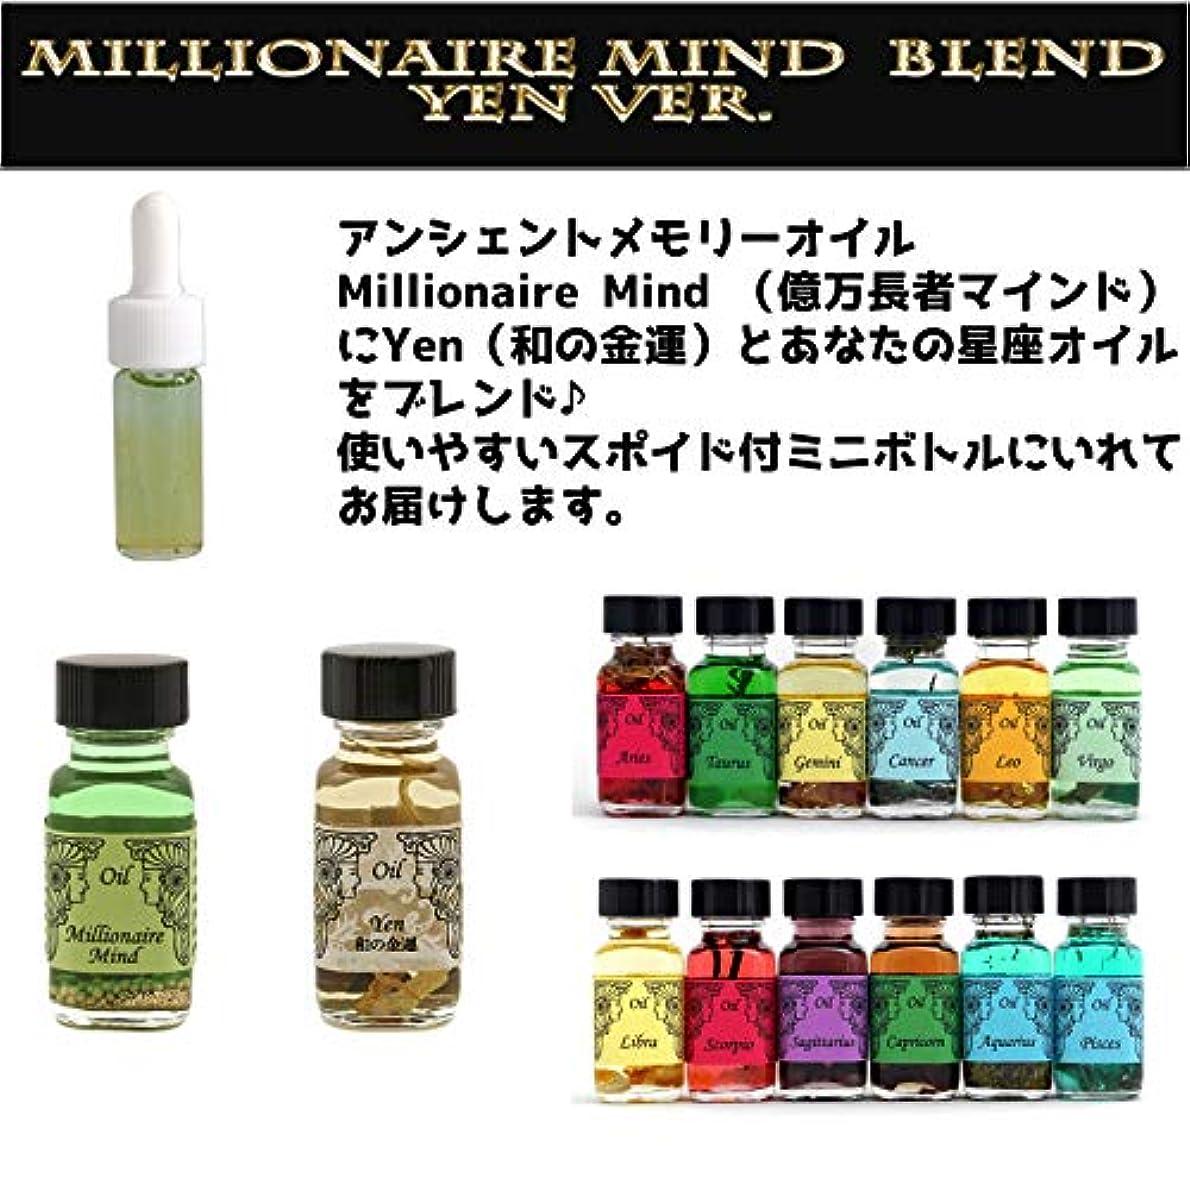 コートクリーナー心臓アンシェントメモリーオイル Millionaire Mind 億万長者マインド ブレンド【Yen 和の金運&しし座】